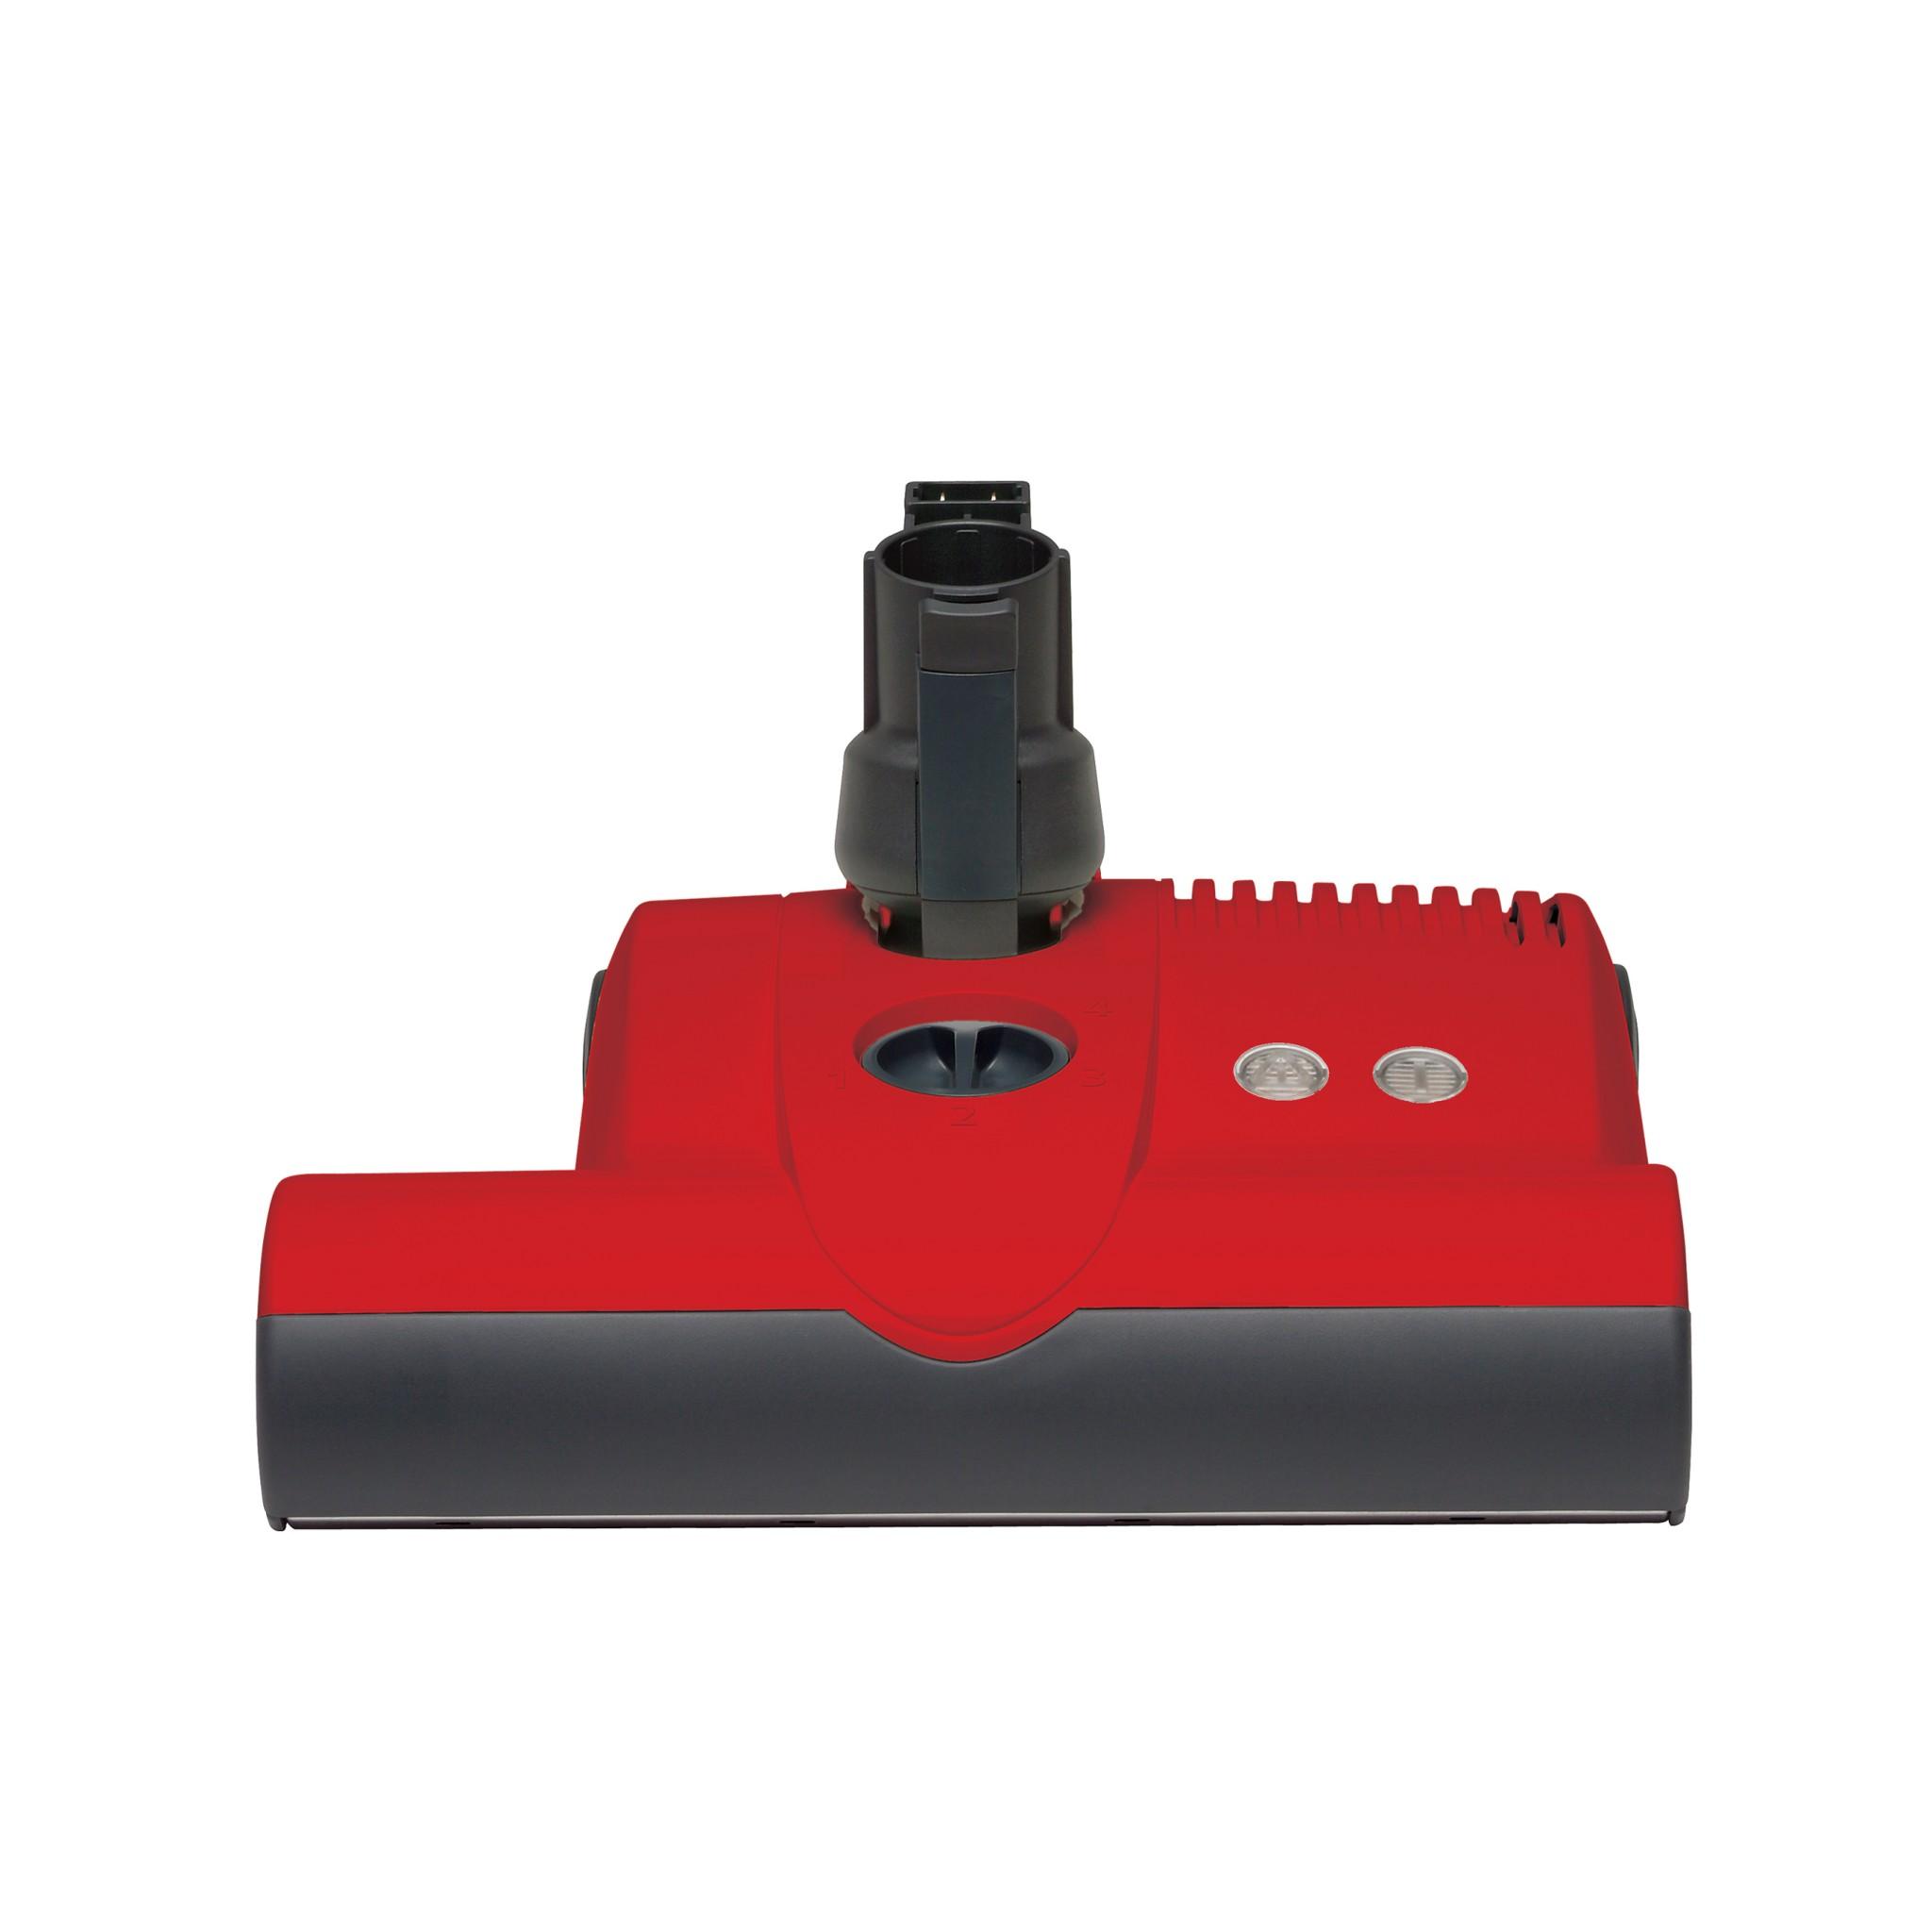 SEBO ET-1 Powerhead for K3, D4, & FELIX 1: Red